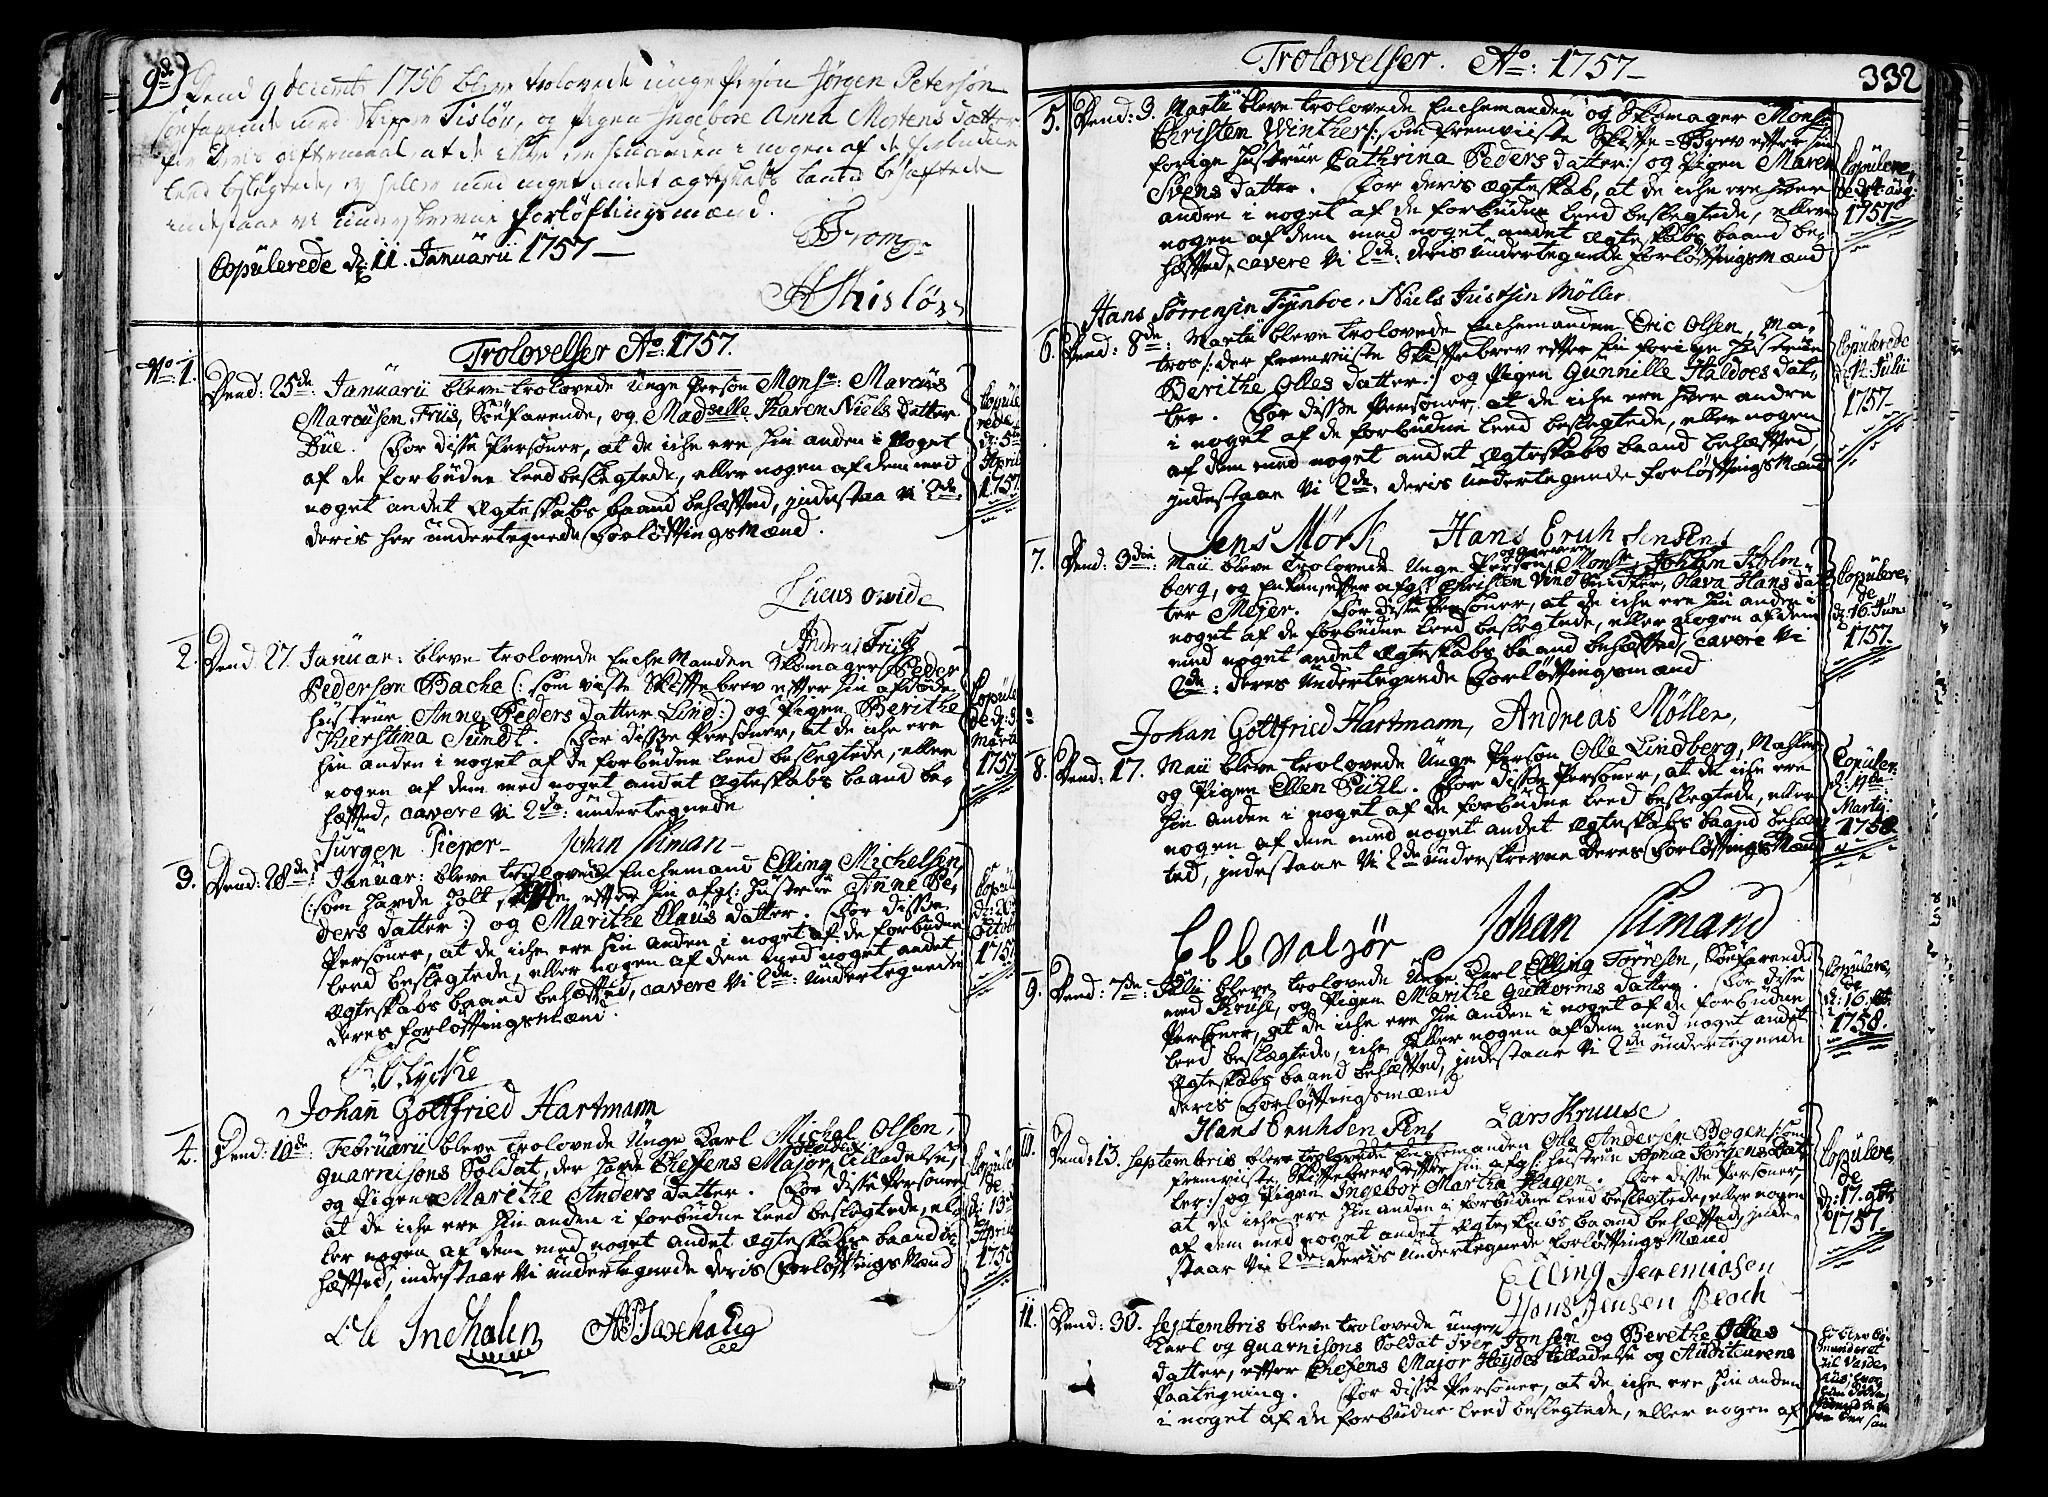 SAT, Ministerialprotokoller, klokkerbøker og fødselsregistre - Sør-Trøndelag, 602/L0103: Ministerialbok nr. 602A01, 1732-1774, s. 332